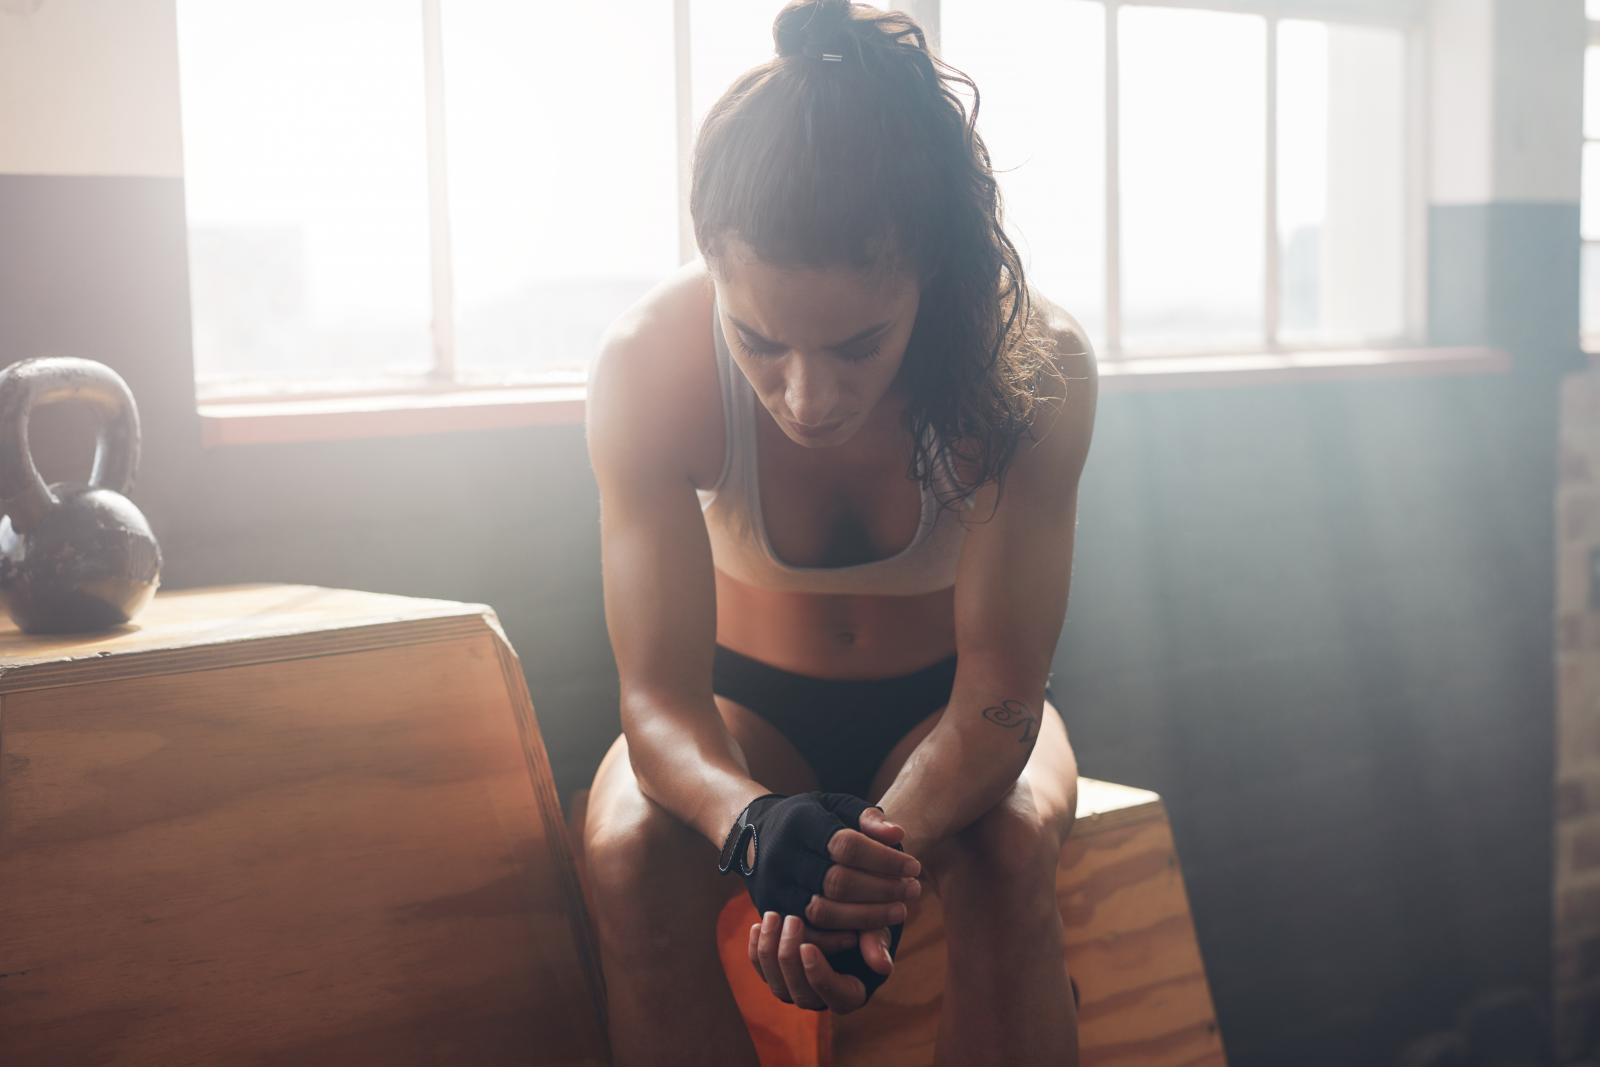 Gotovo je nemoguće održati zdravu težinu samo vježbajući.